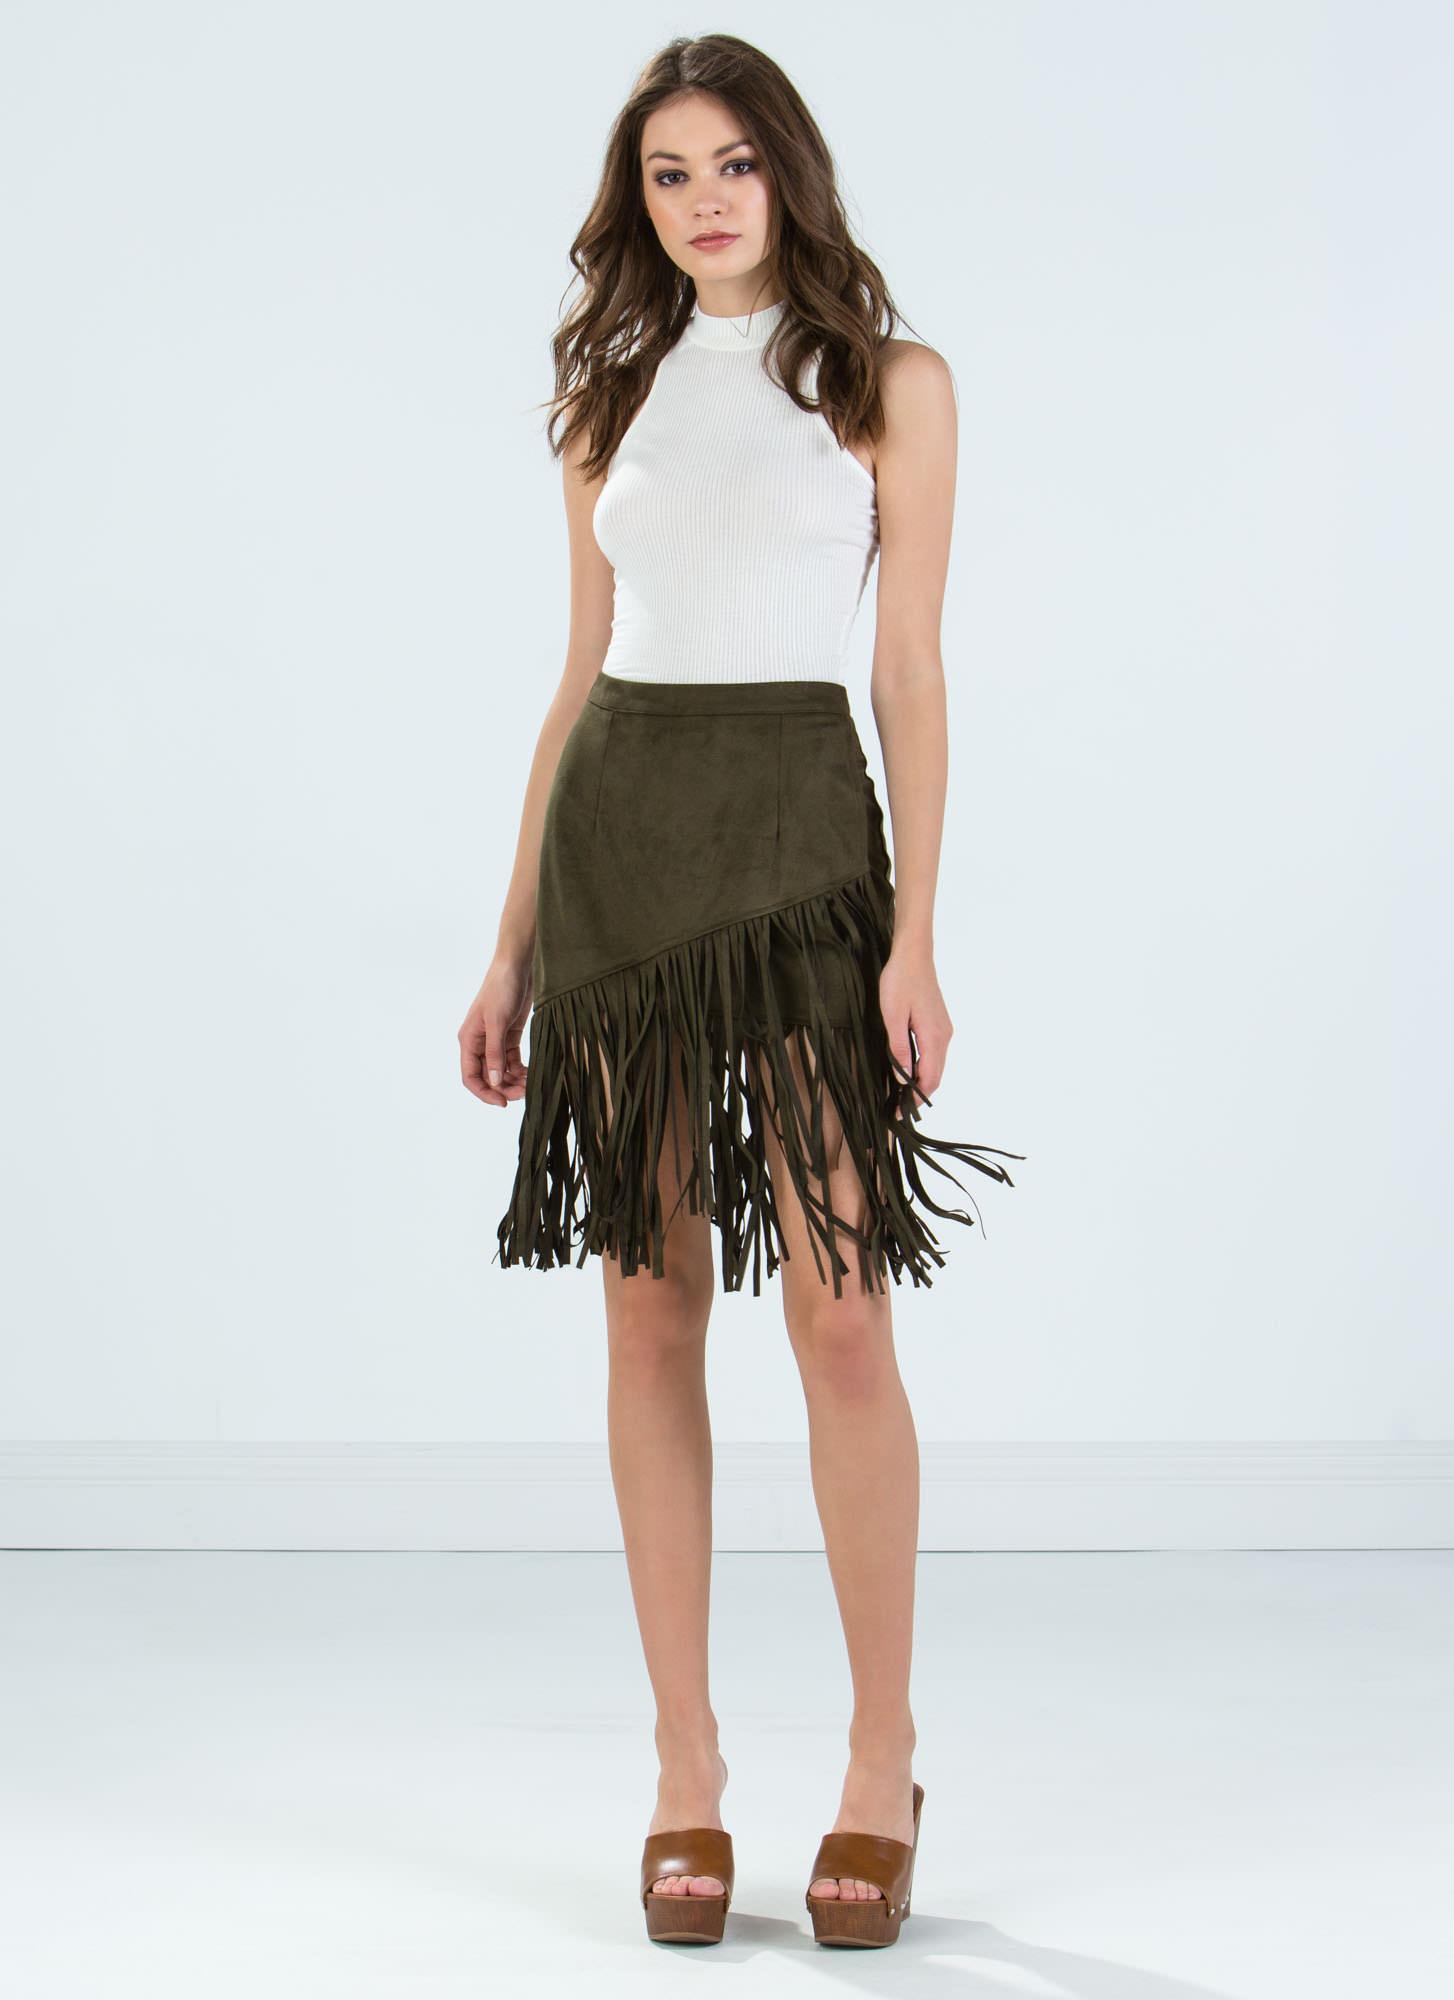 Star Faux Suede Fringe Skirt CAMEL OLIVE RED - GoJane.com